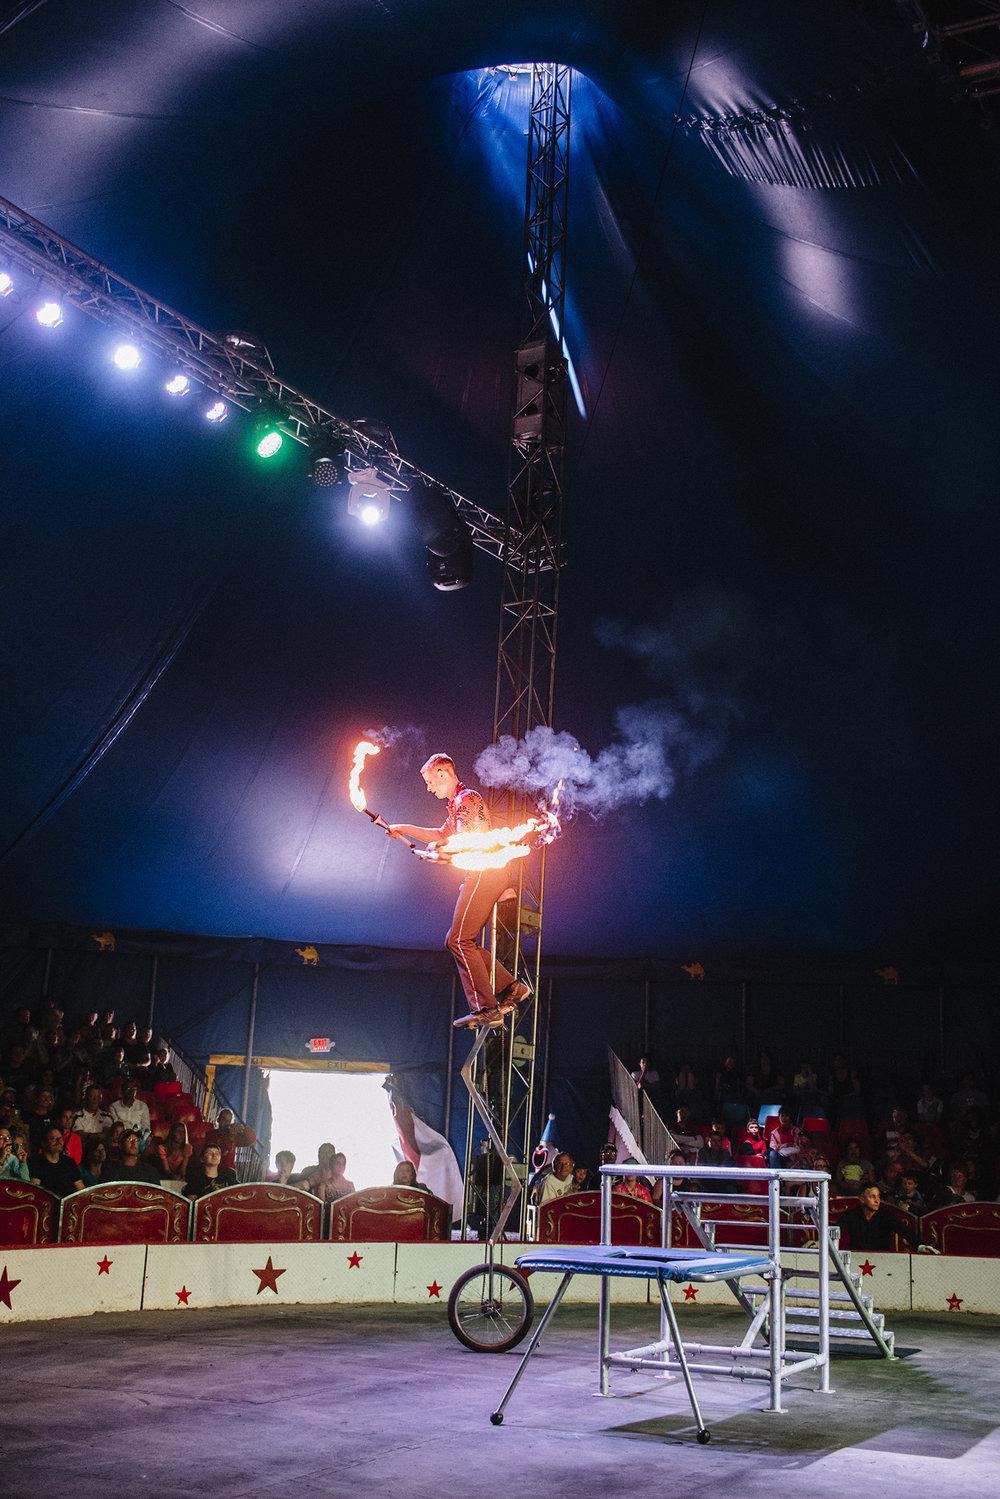 CircusWorld_Baraboo_06242017_298.jpg